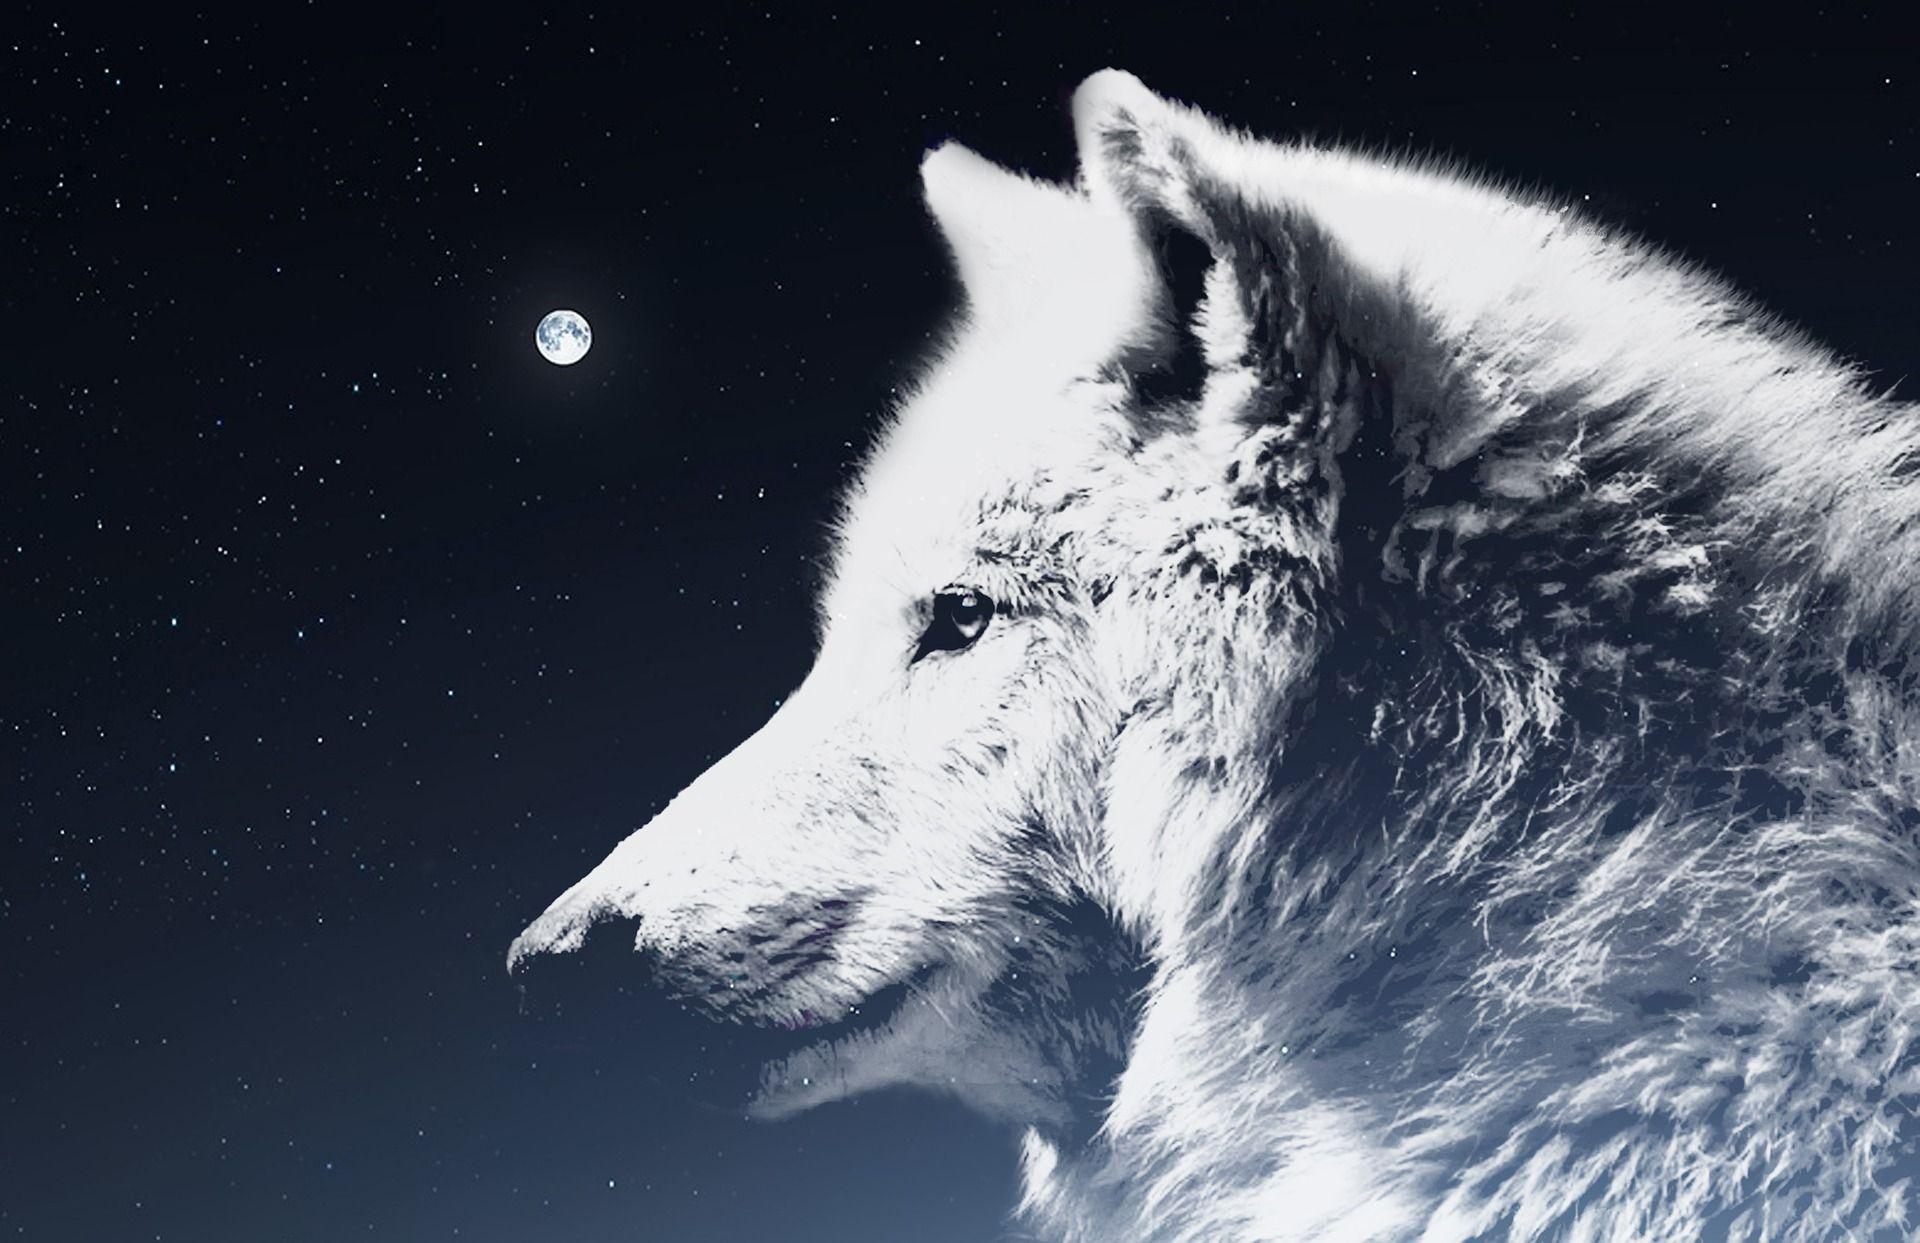 The Amarok Wolf